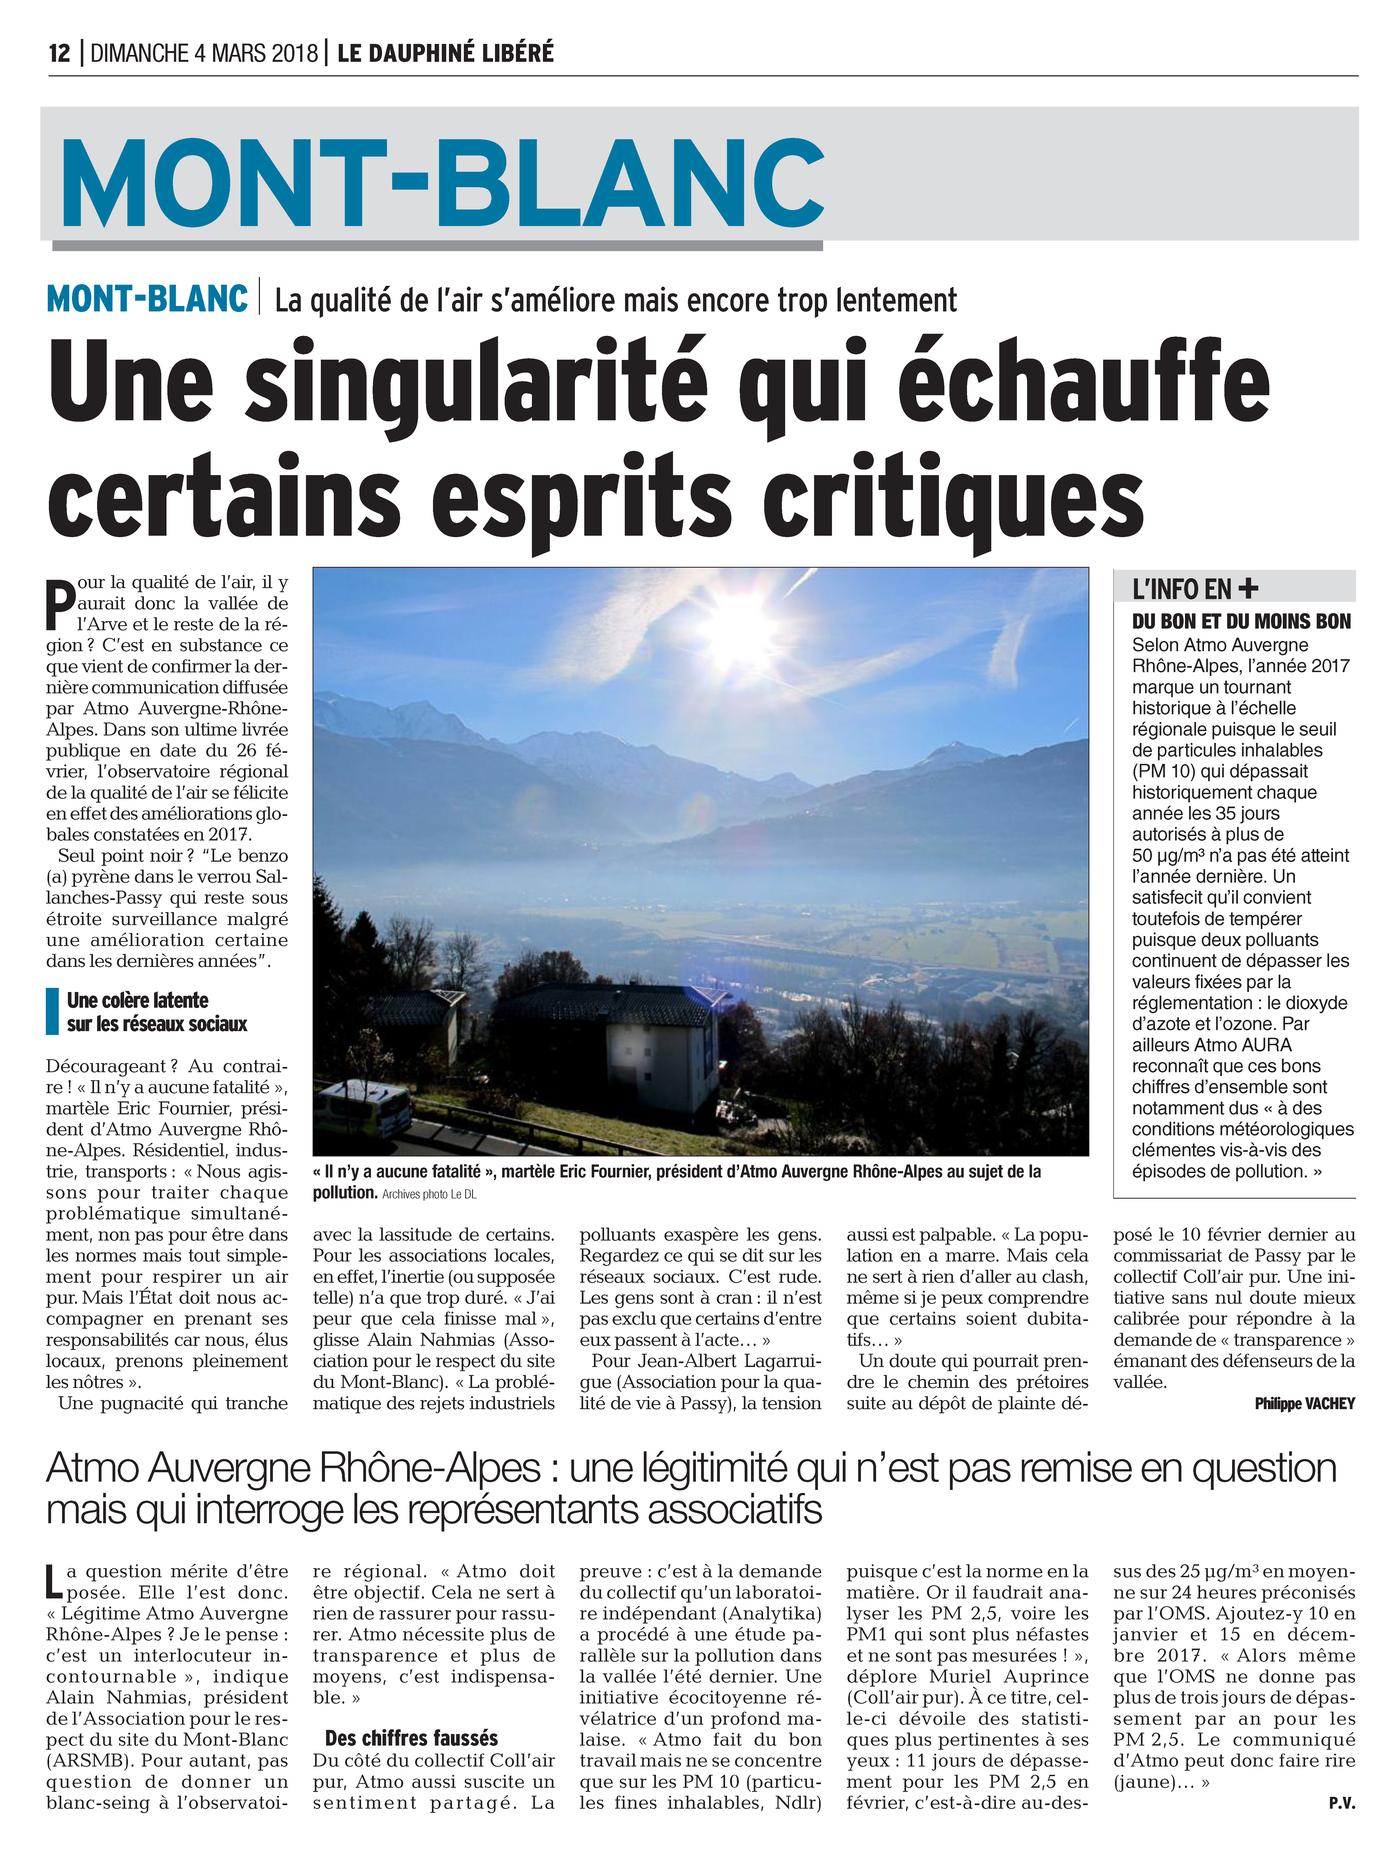 """04.03.2018 > LE DAUPHINÉ LIBÉRÉ : """"La qualité de l'air dans la vallée de l'Arve s'améliore mais encore trop lentement : Une singularité qui échauffe certains esprits critiques"""""""